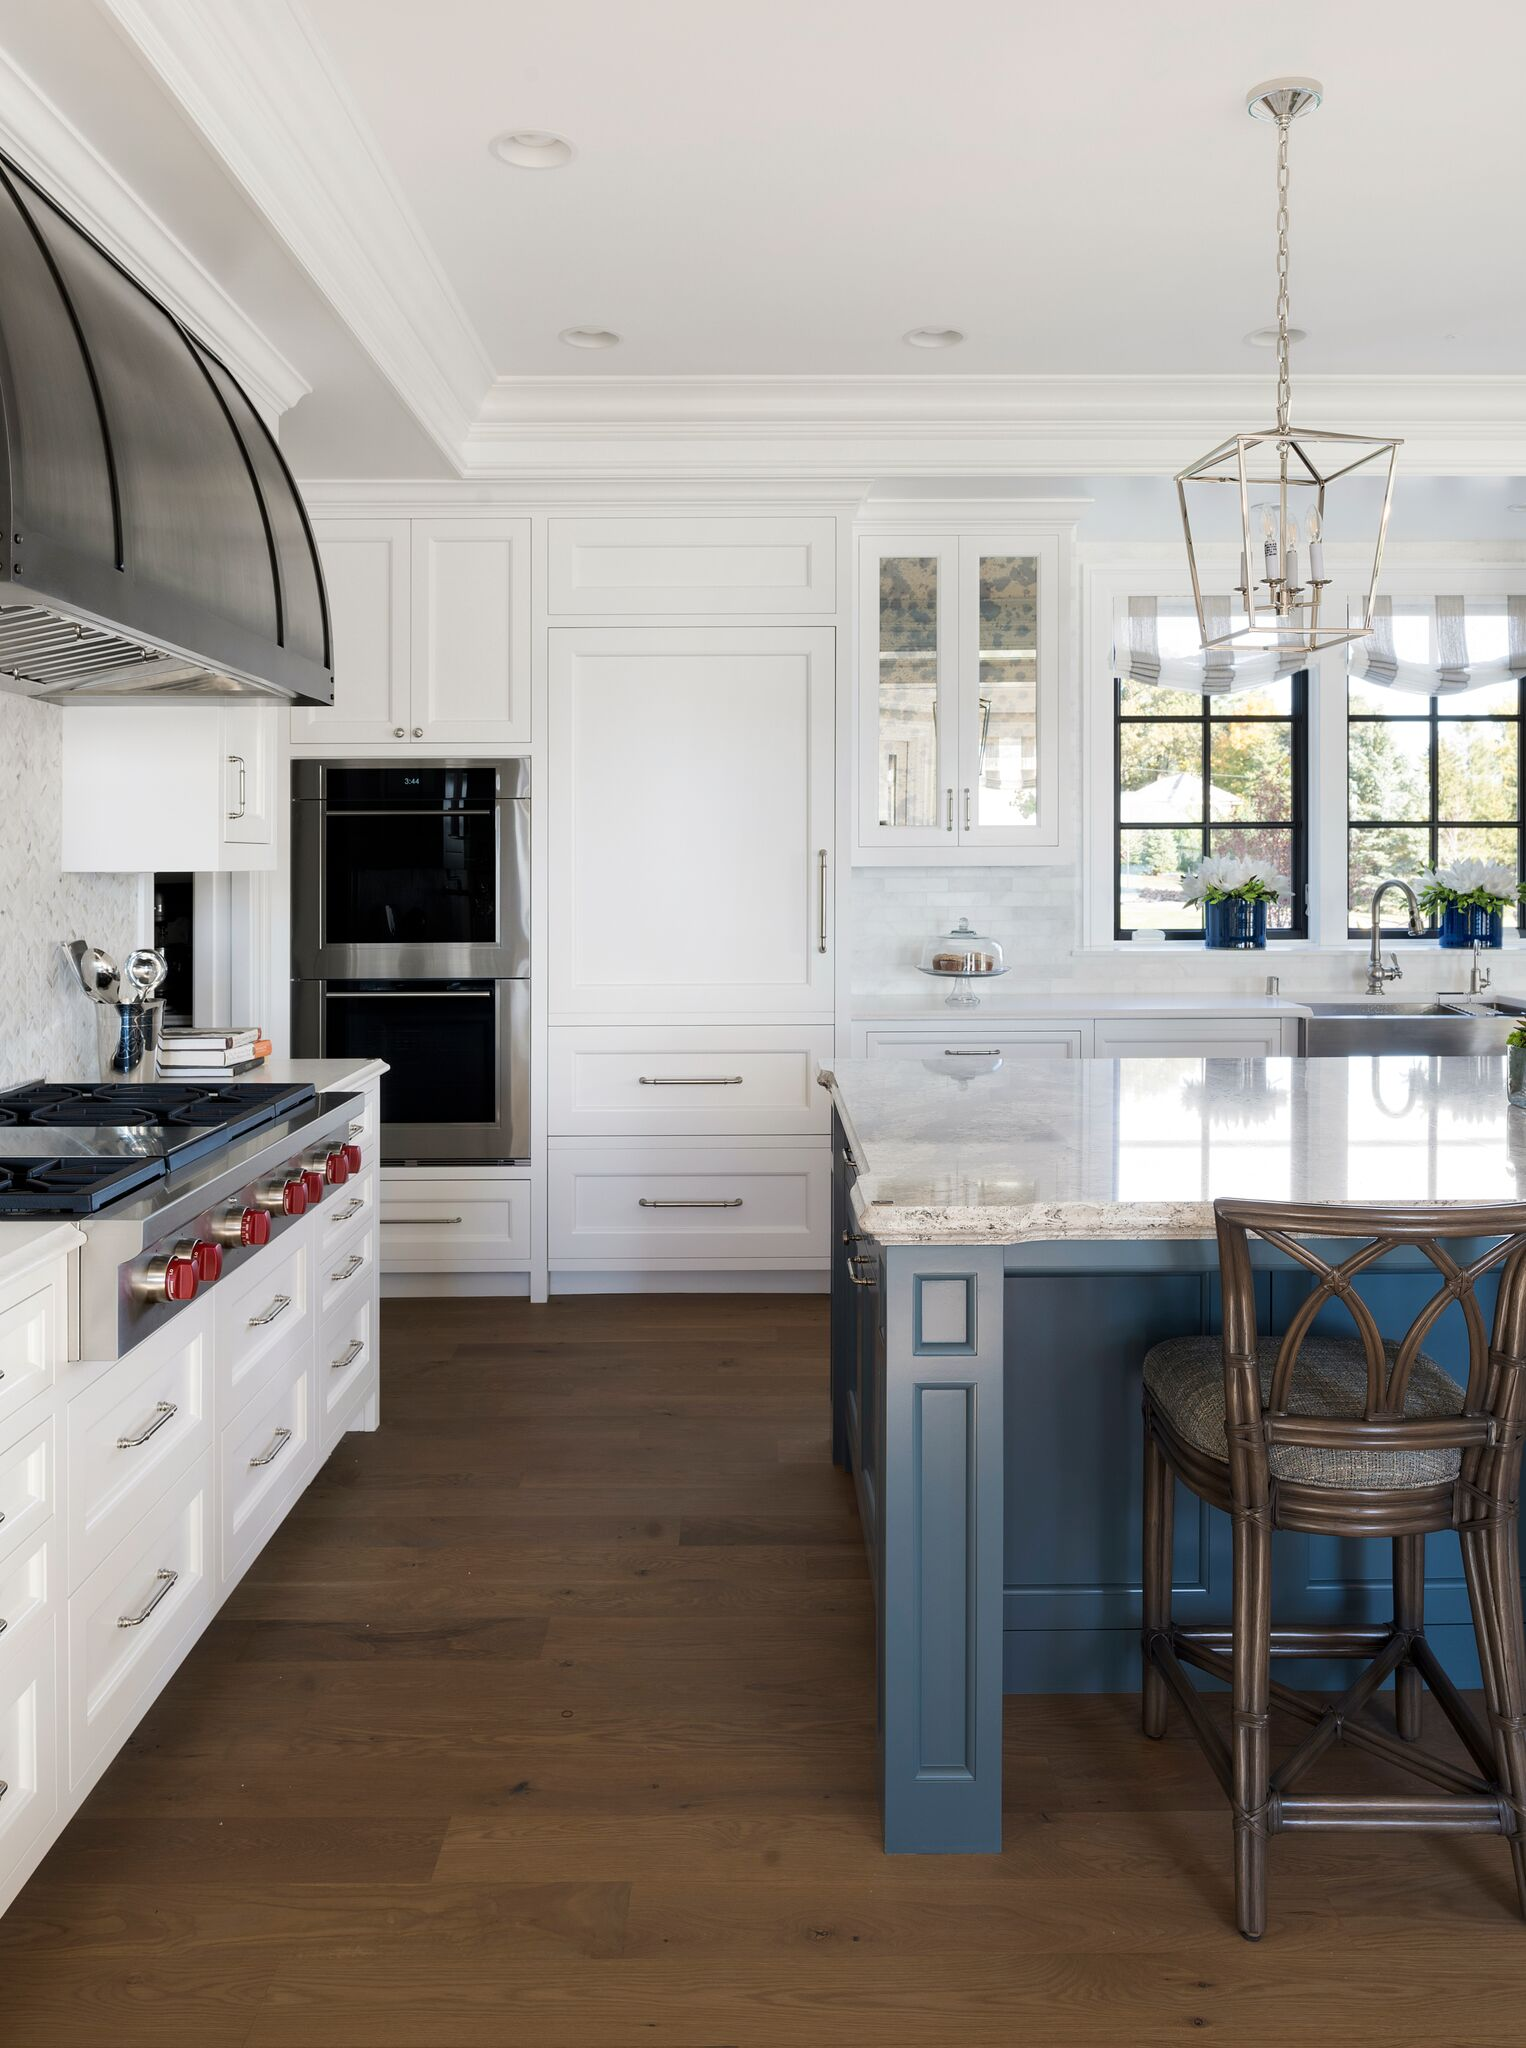 kitchen_004_preview.jpeg